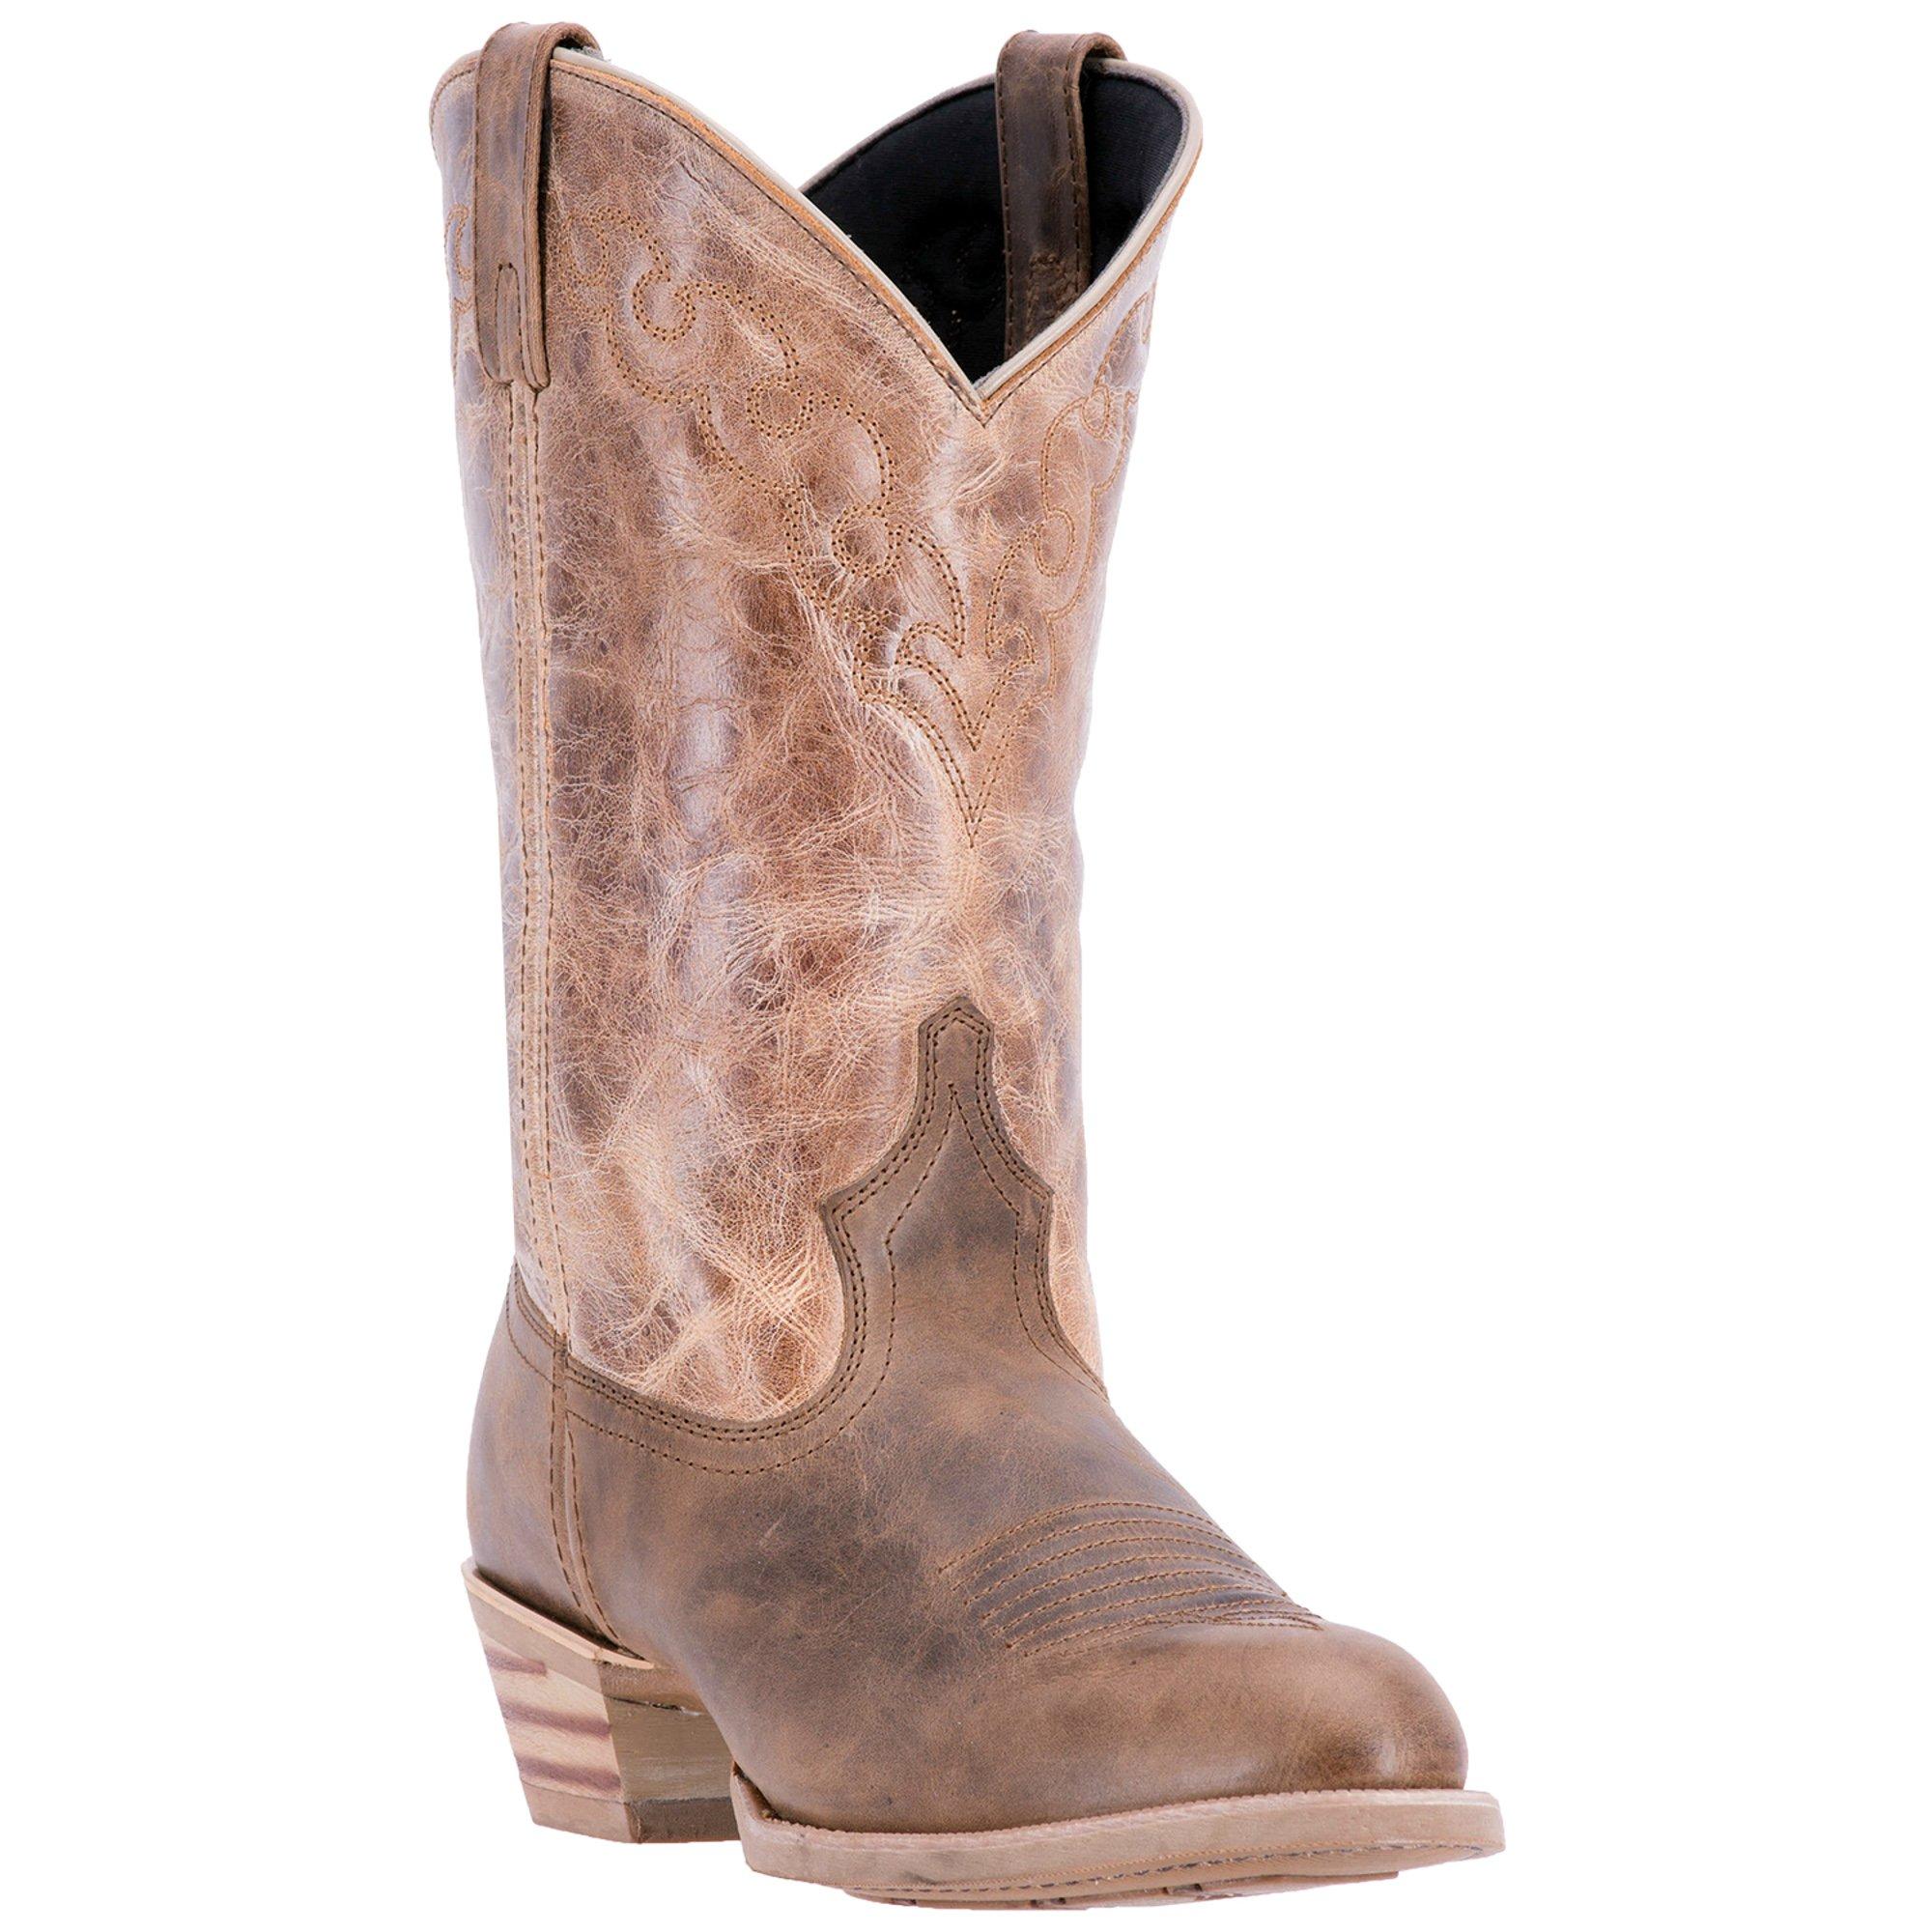 Dingo Mens Chocolate/Tan Cowboy Boots Leather Cowboy Boots R Toe 10 D by Dingo